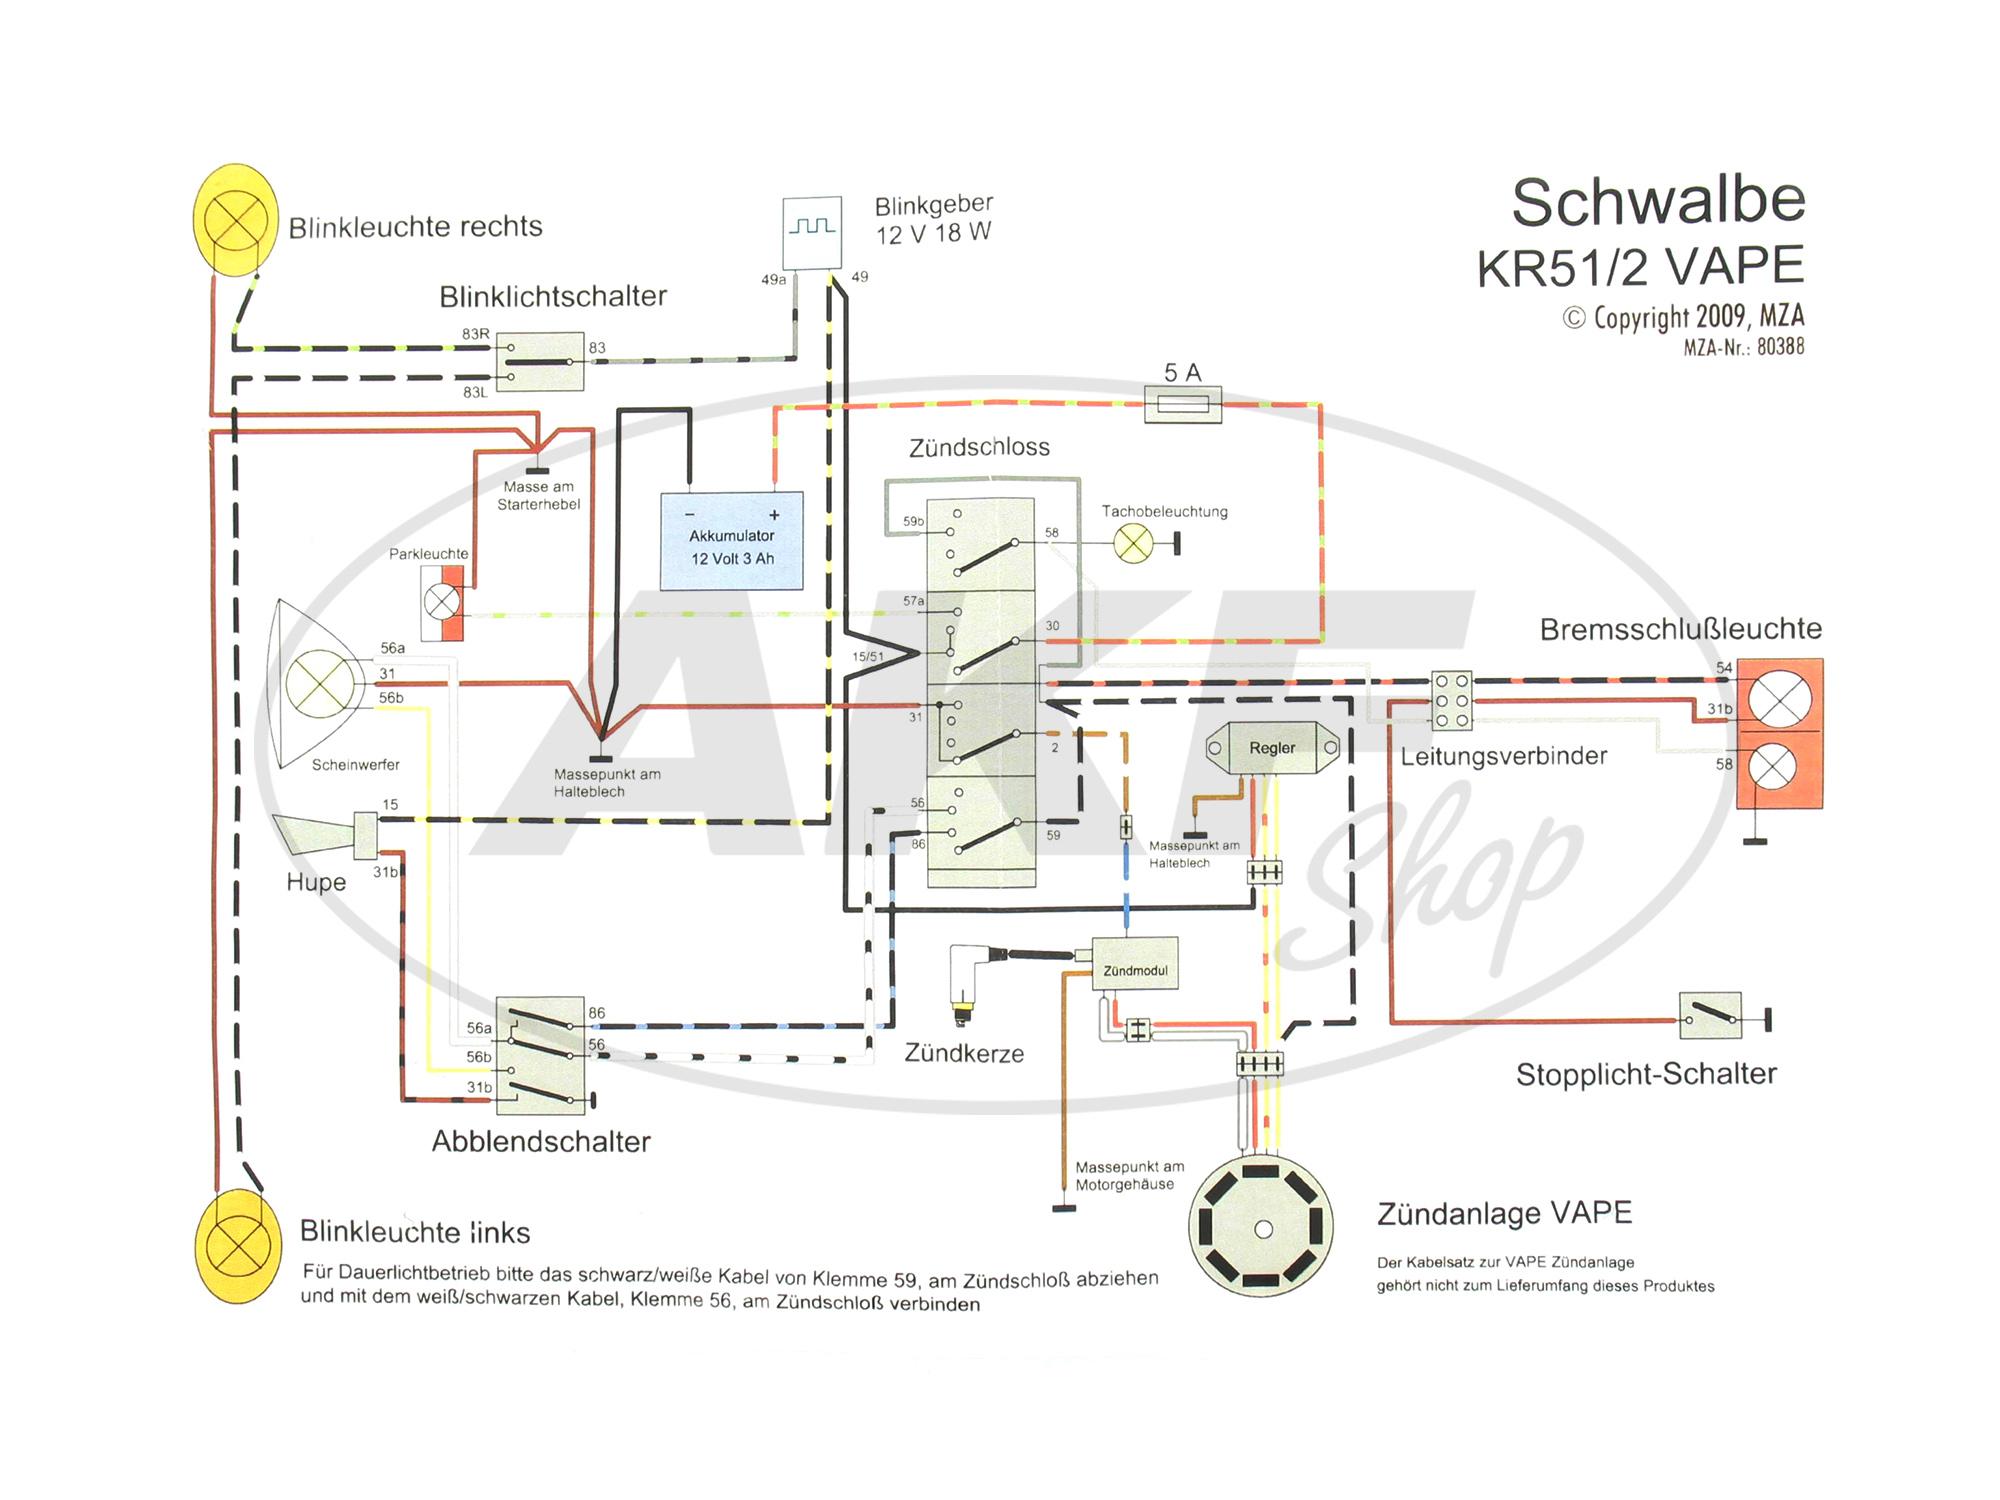 Kabelbaumset Schwalbe KR51/2, 12V-VAPE mit Schaltplan